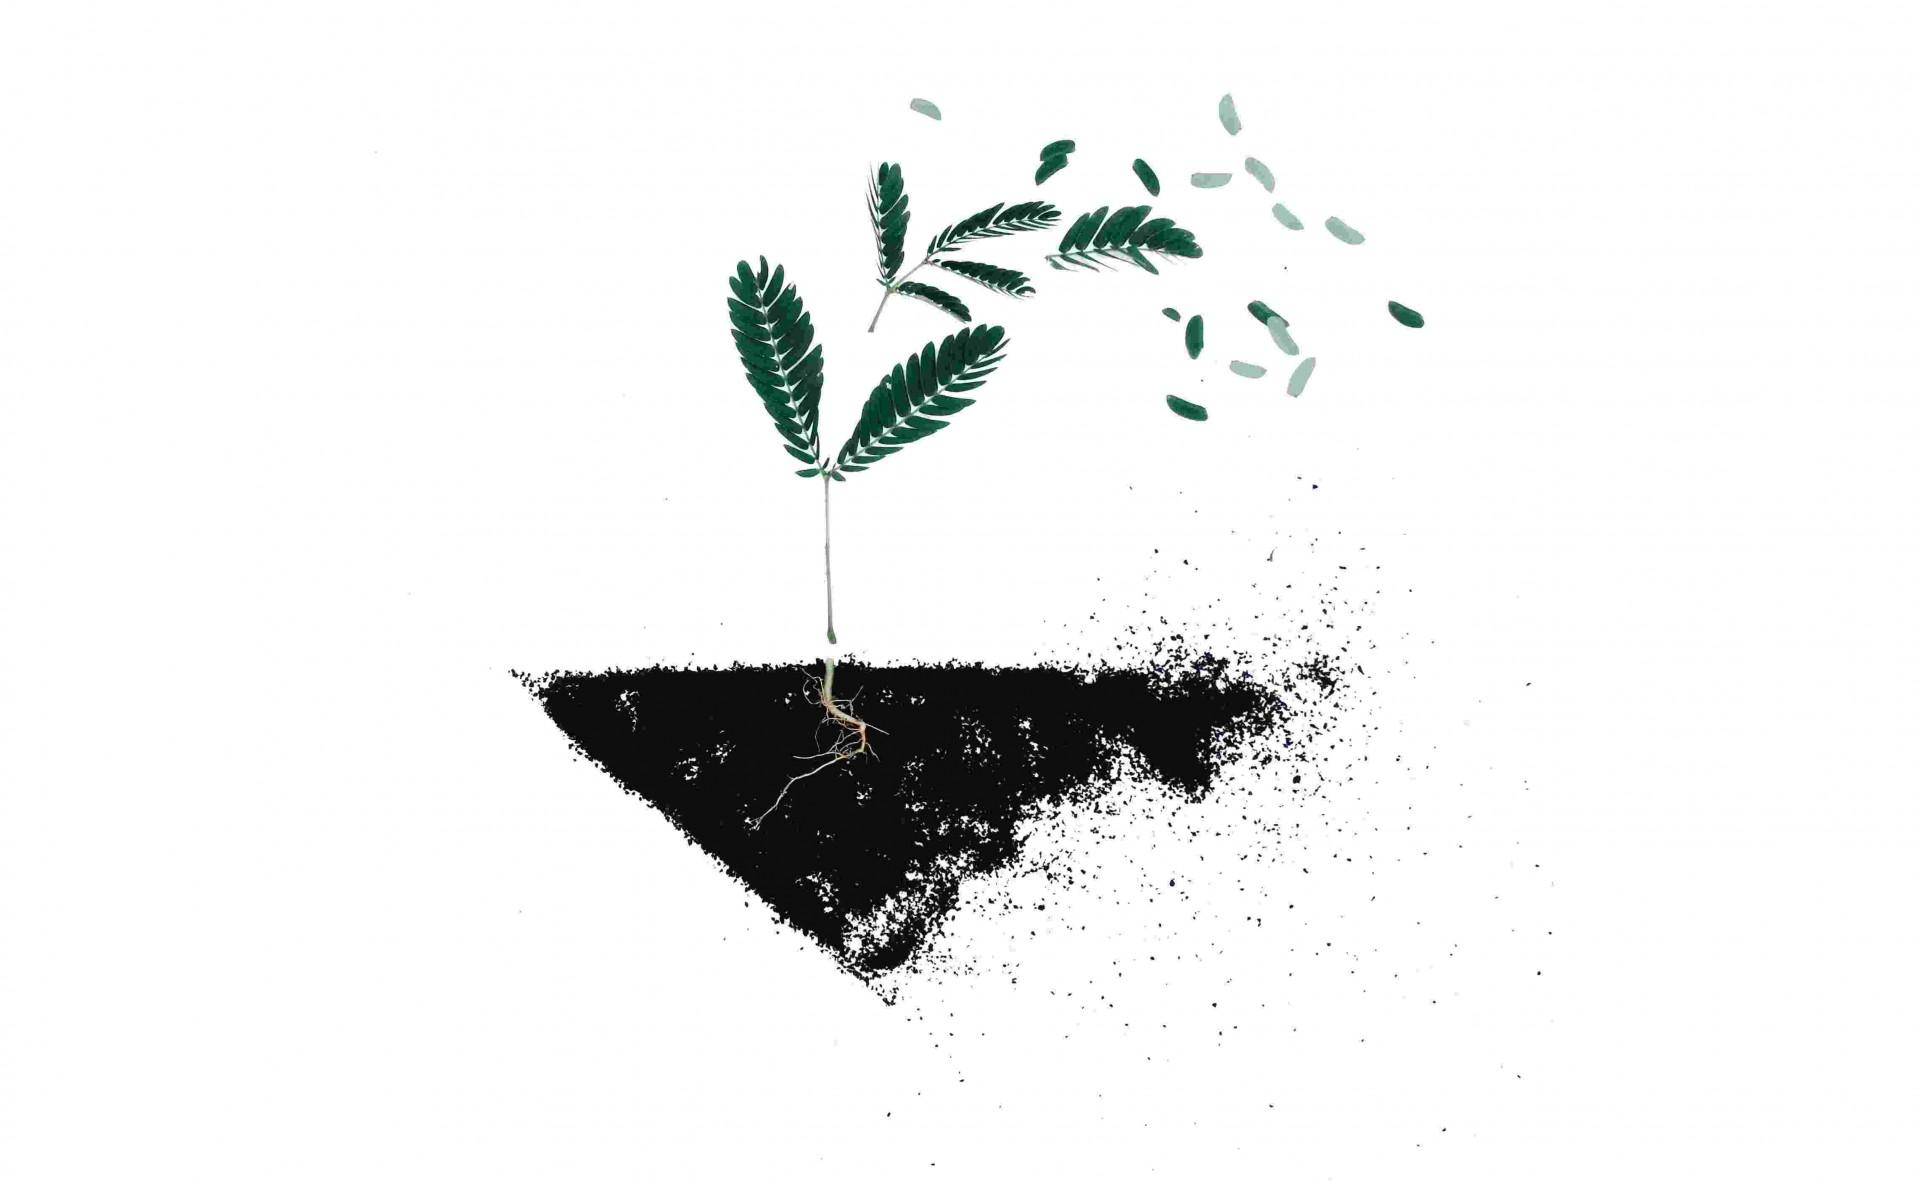 Frykter internasjonalt klima- og miljøarbeid nedprioriteres som følge av koronakrisen